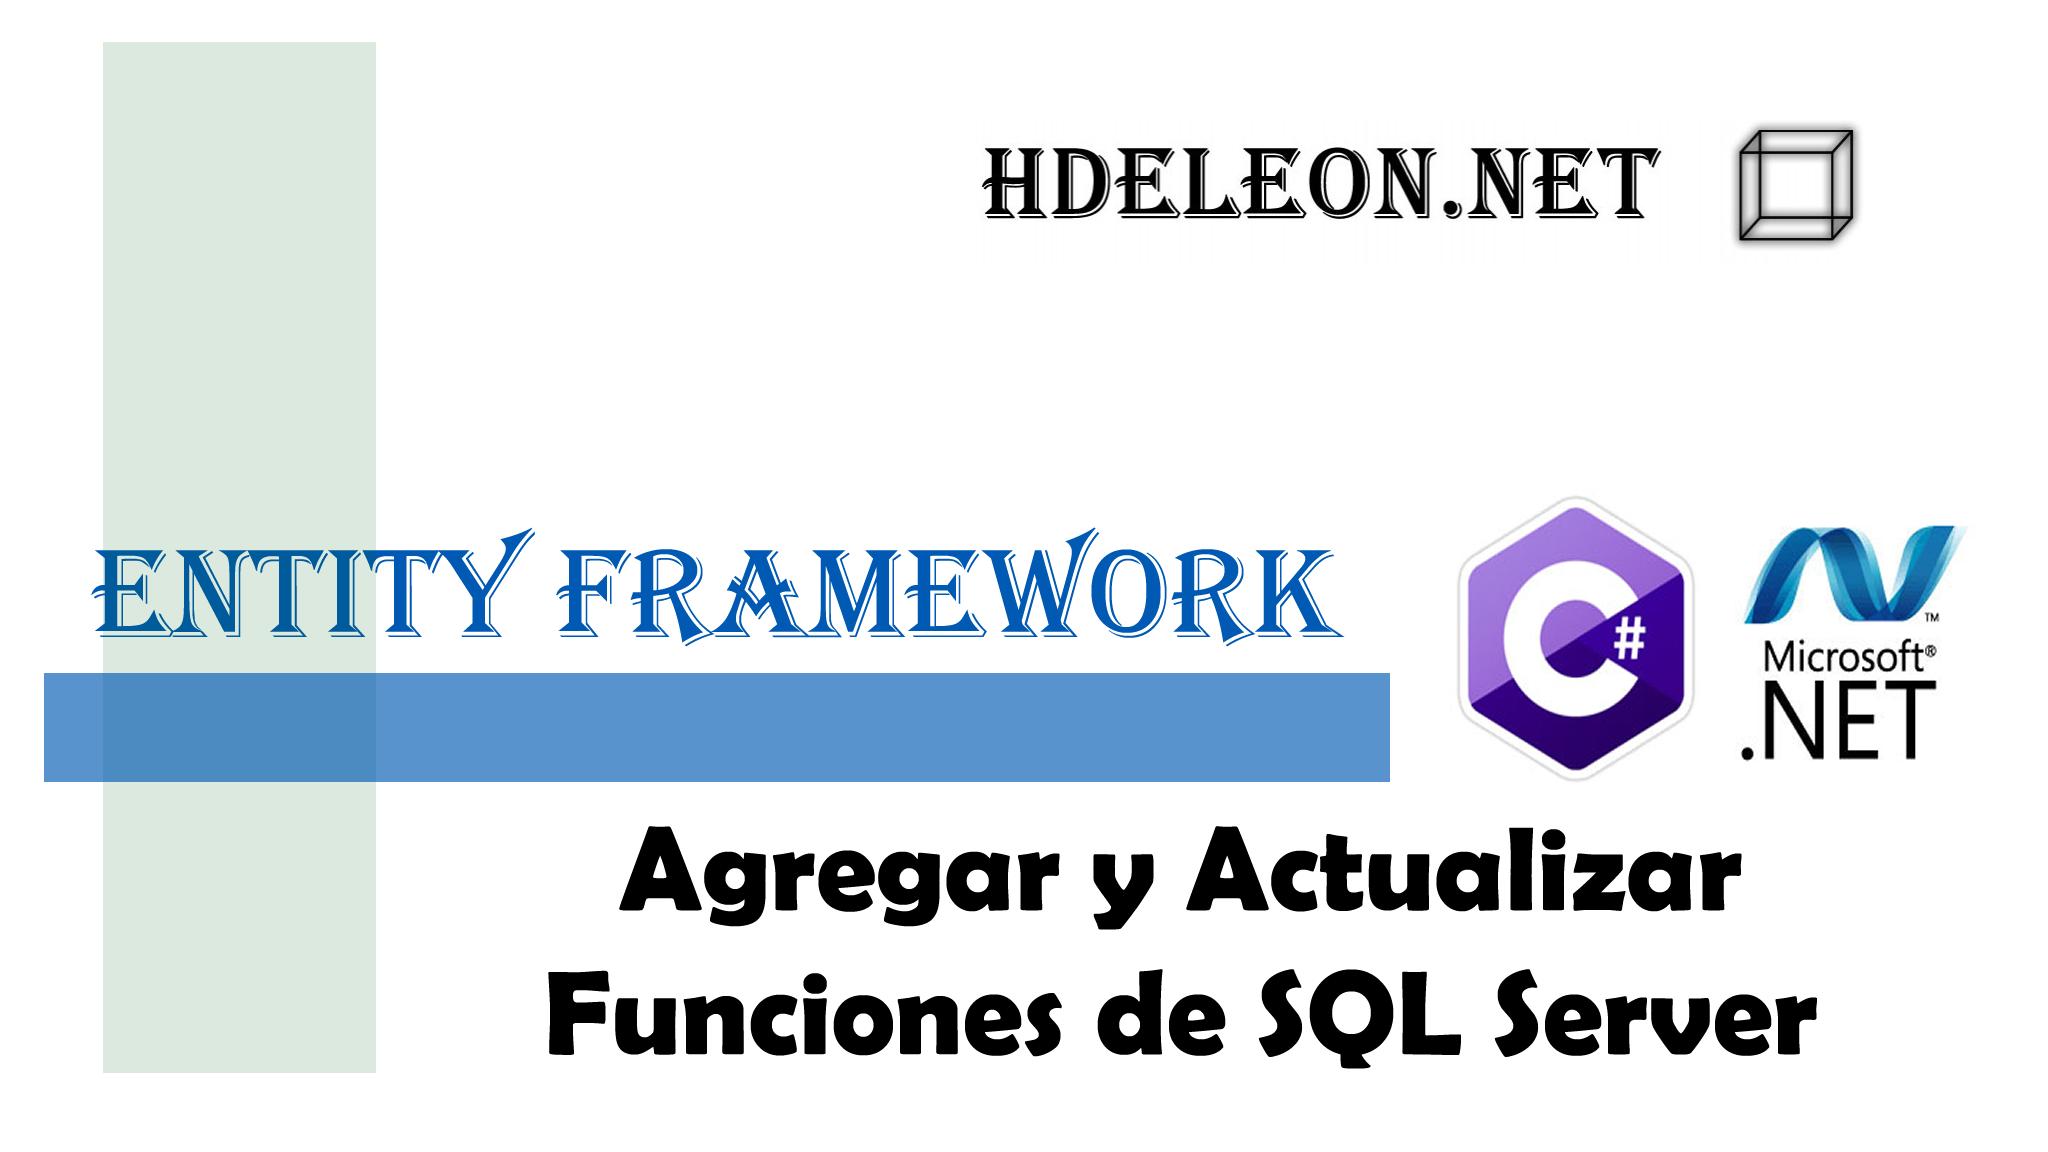 ¿Cómo agregar y actualizar funciones de SQL Server en Entity Framework?, C# .Net